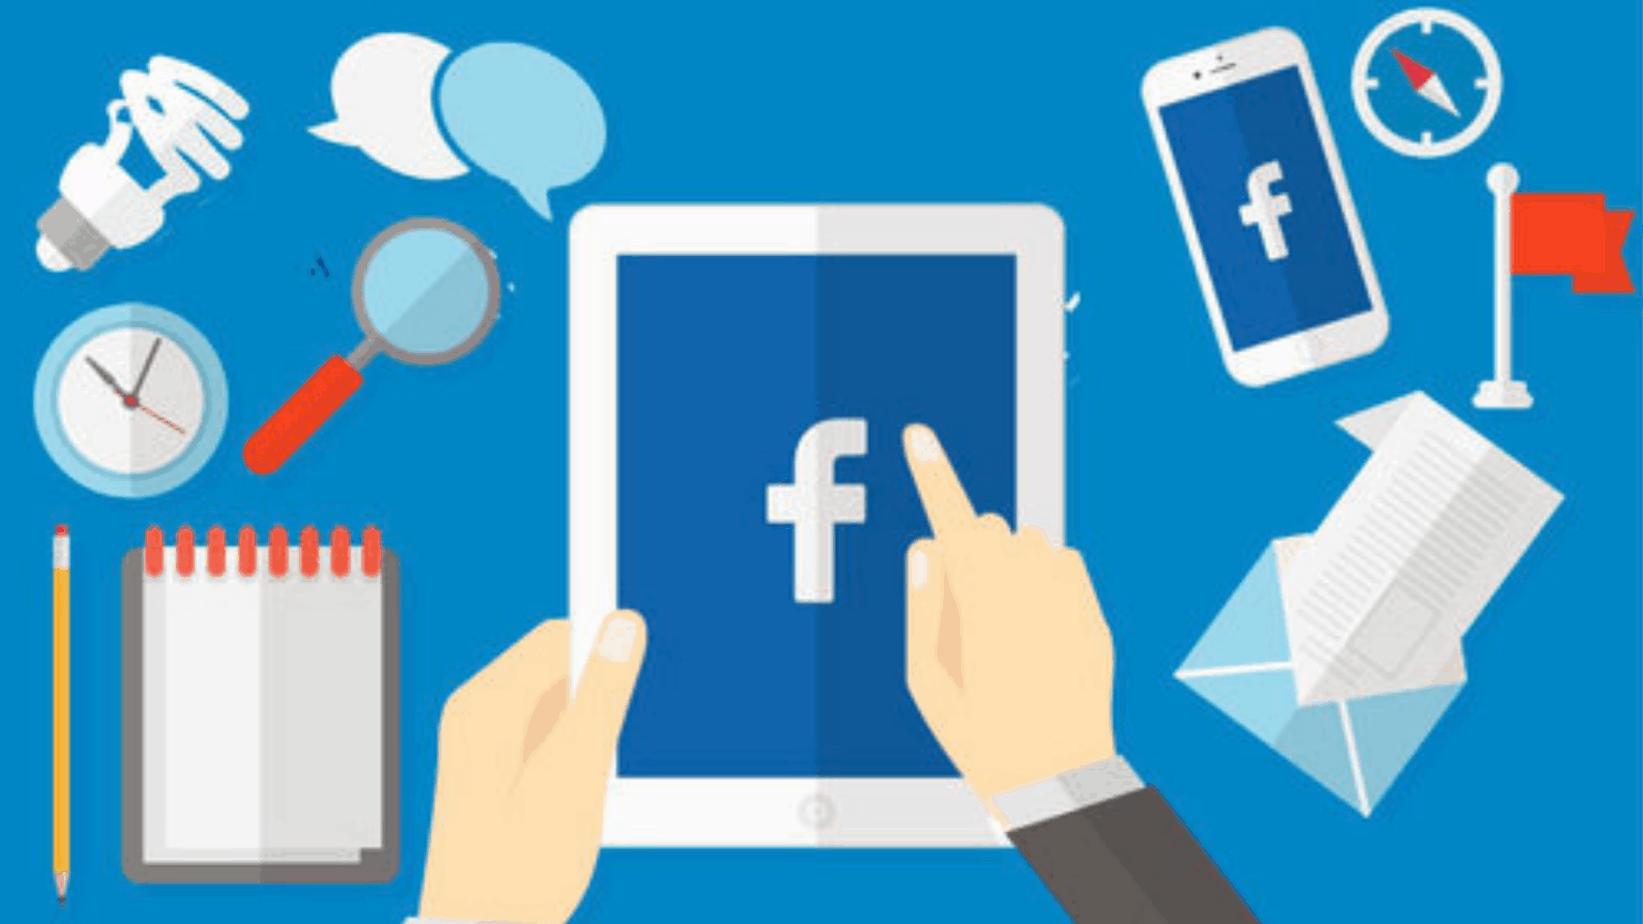 Faceebook Marketing Tips